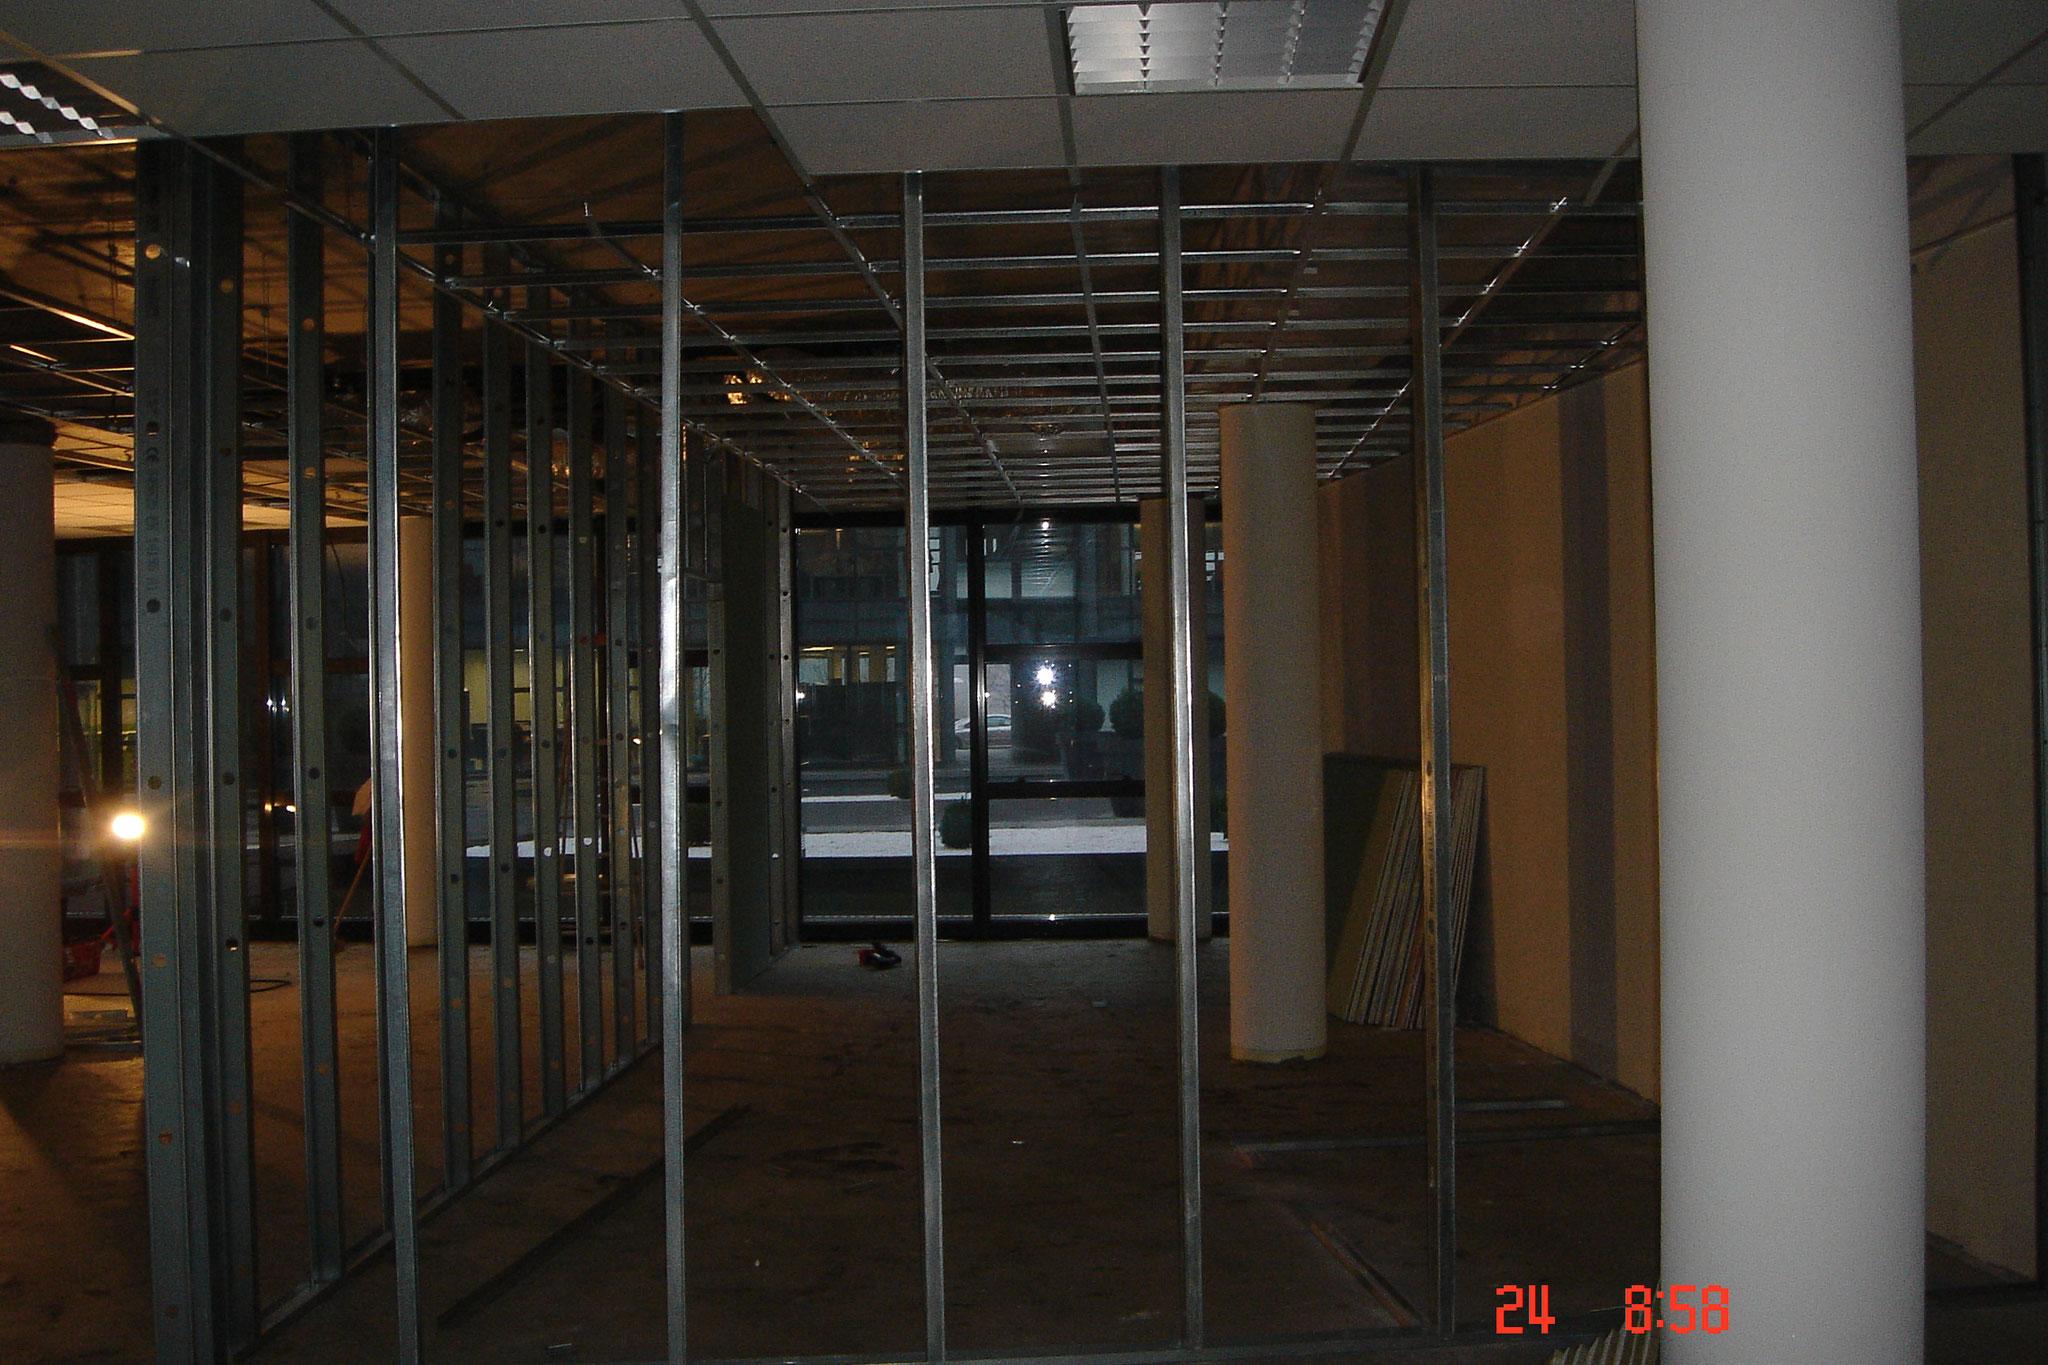 Cloison distribution à ossature métallique épaisseur 72 mm parement simple compris isolation Strasbourg 67 Activ Renovation